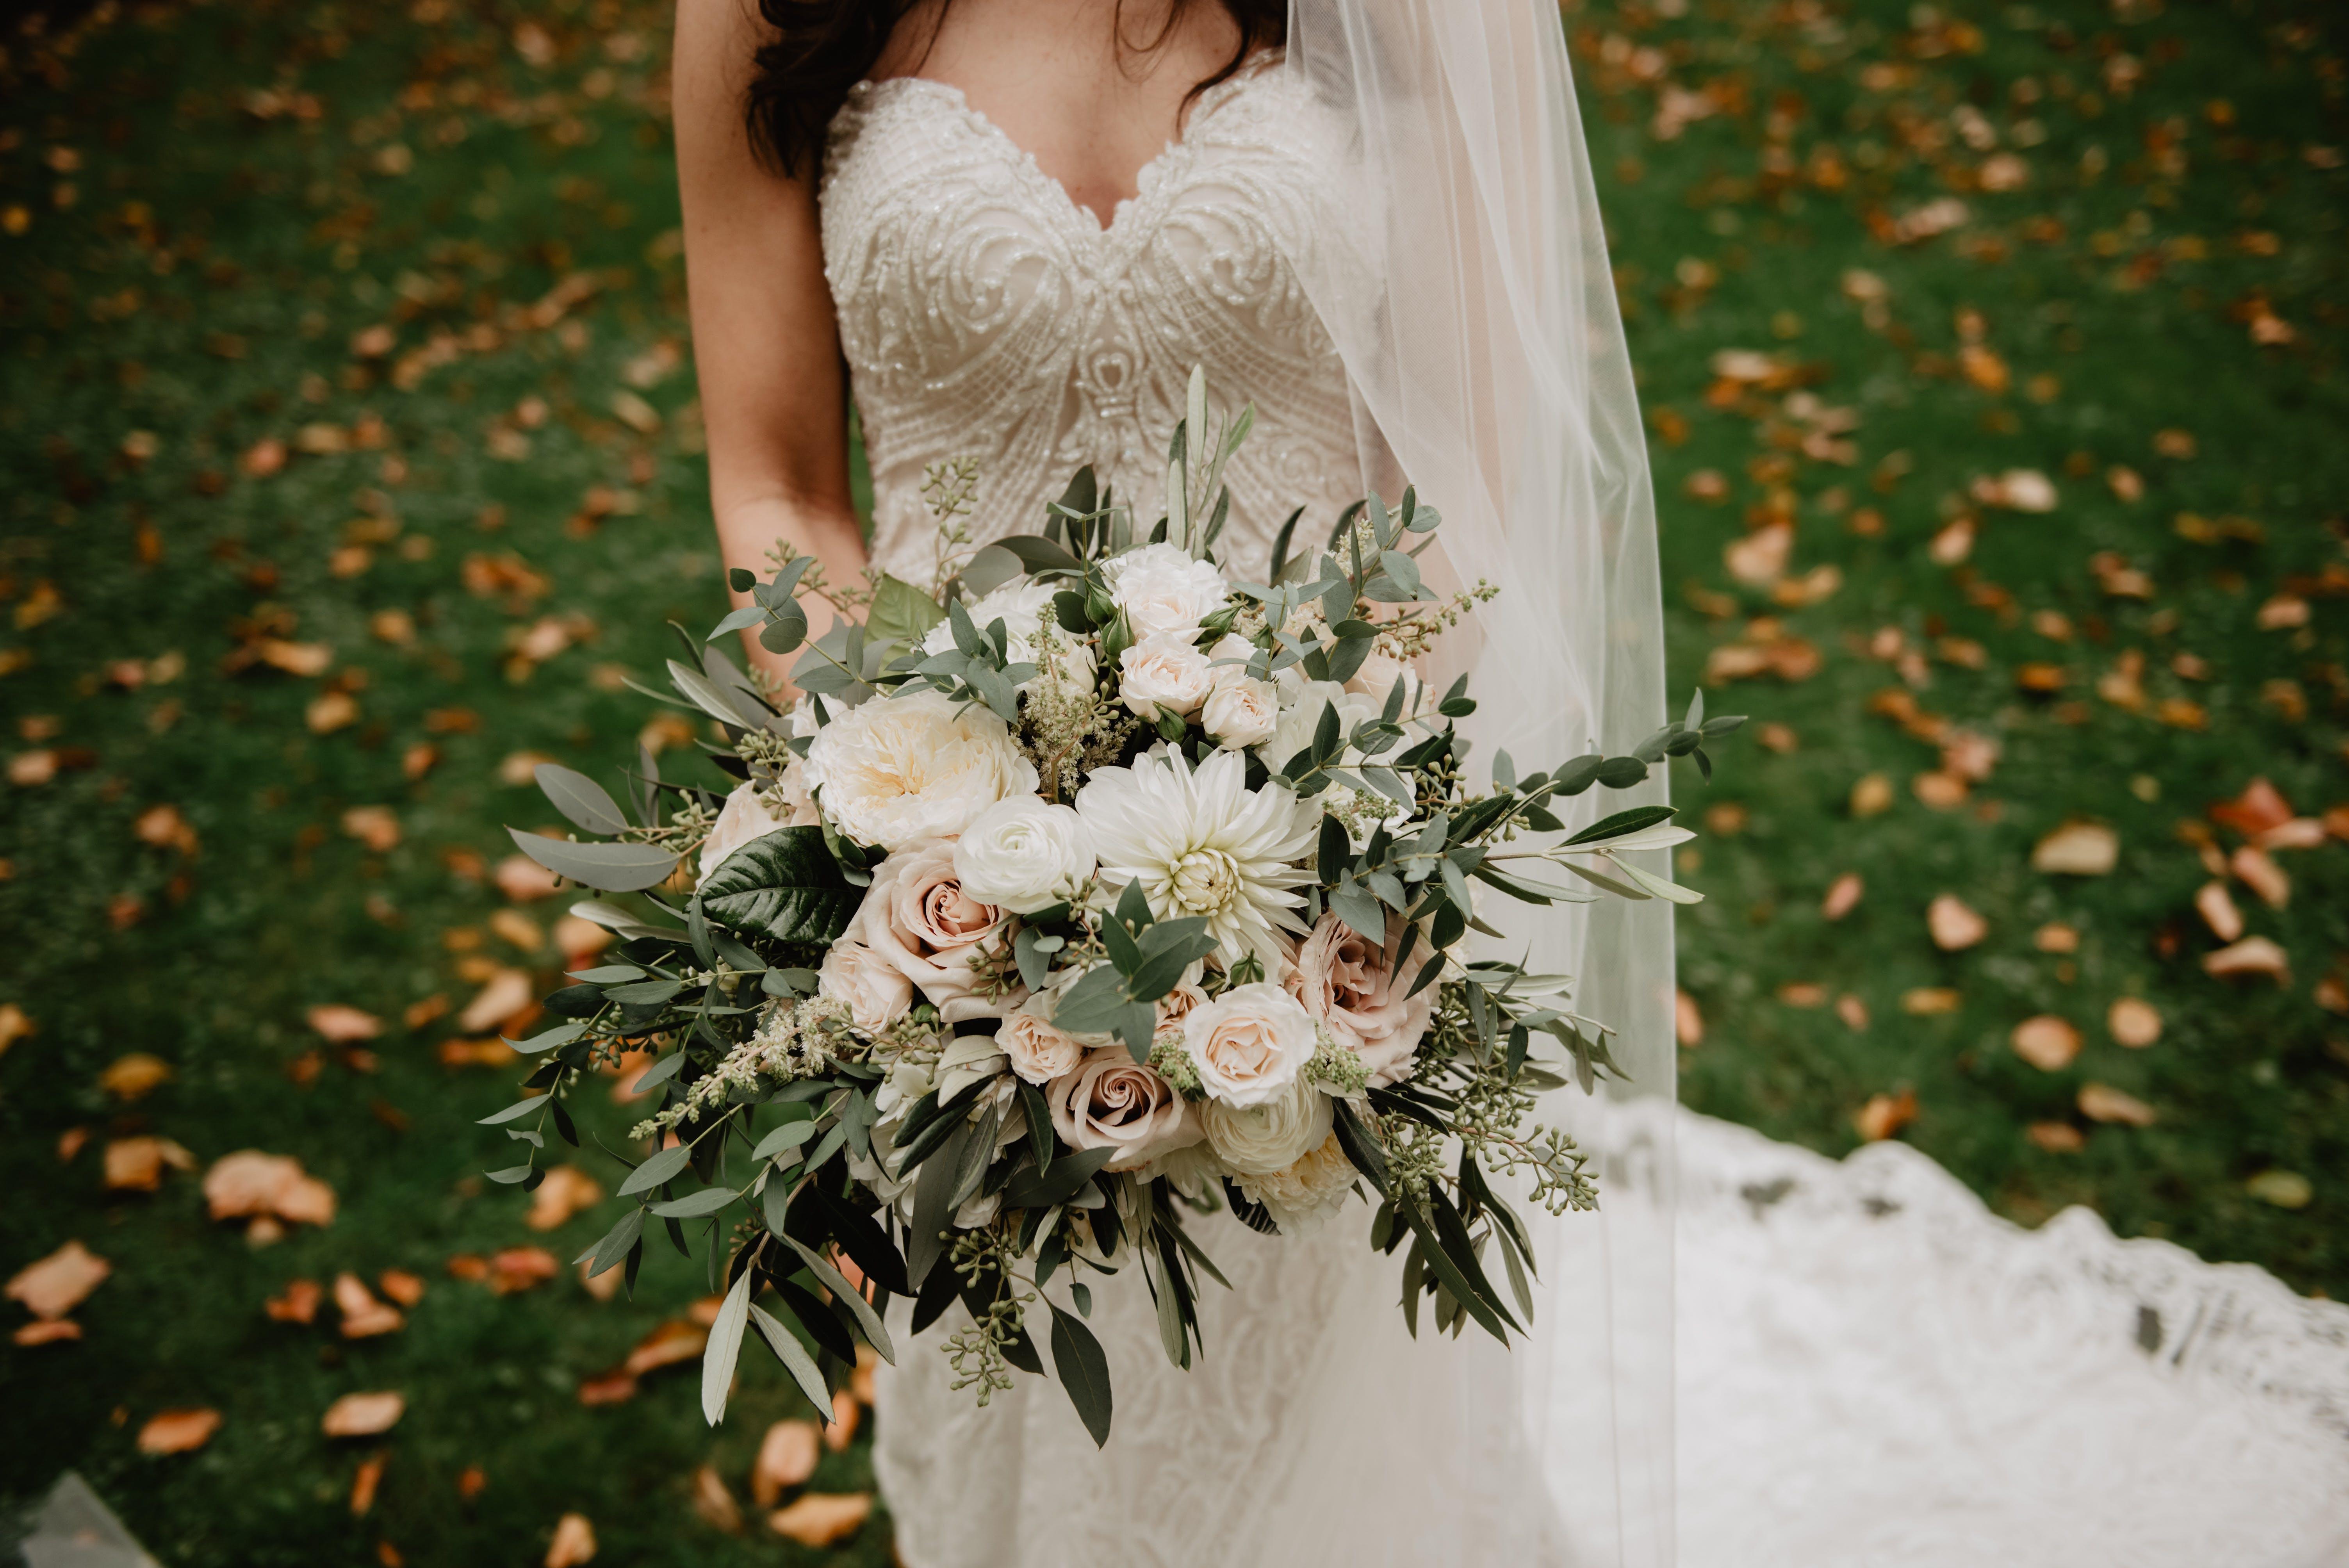 Gratis lagerfoto af blomster, brud, brudekjole, bryllup